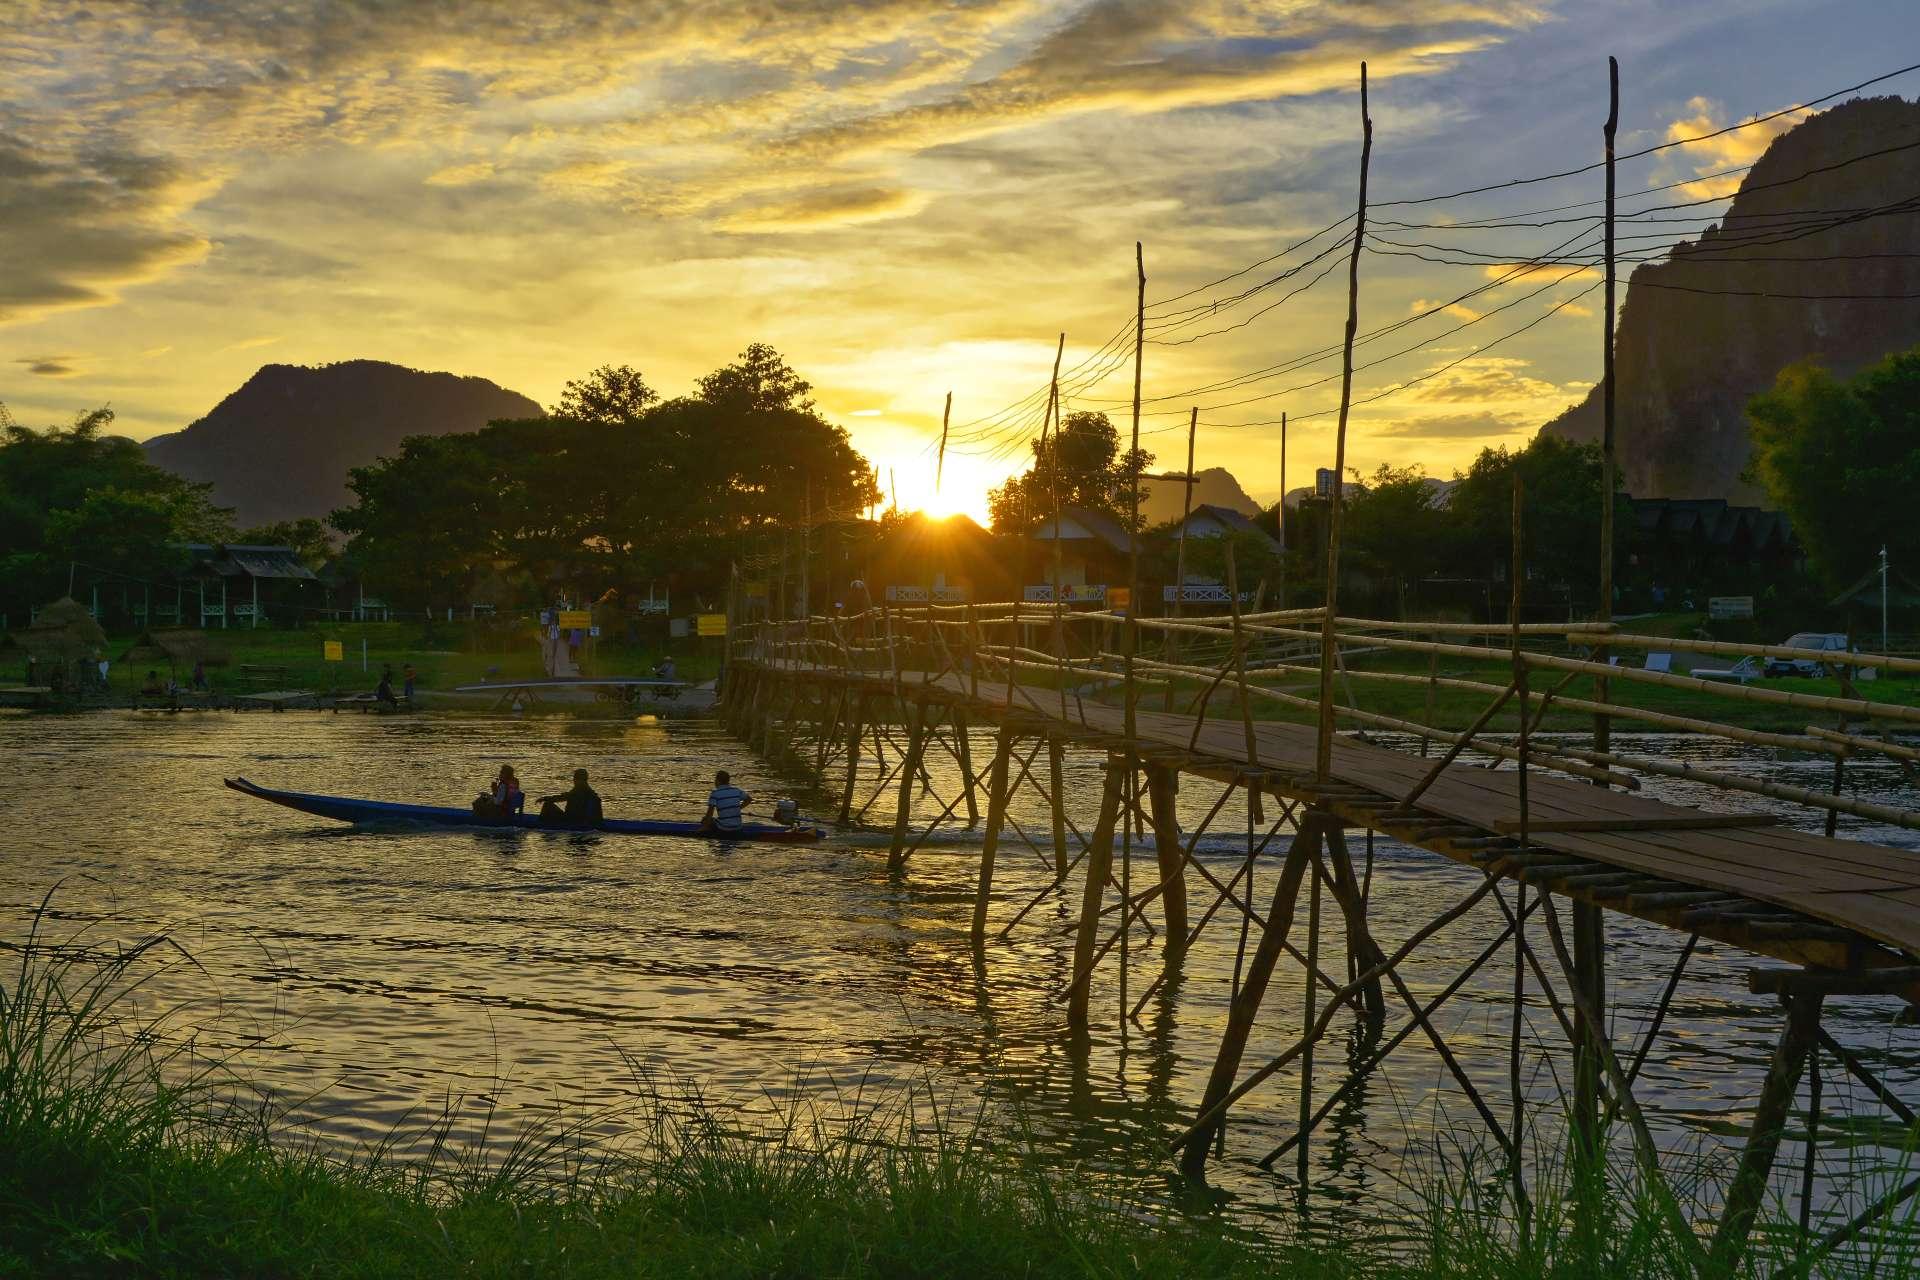 2020-10-kambodscha-laos_munding-diashows_021